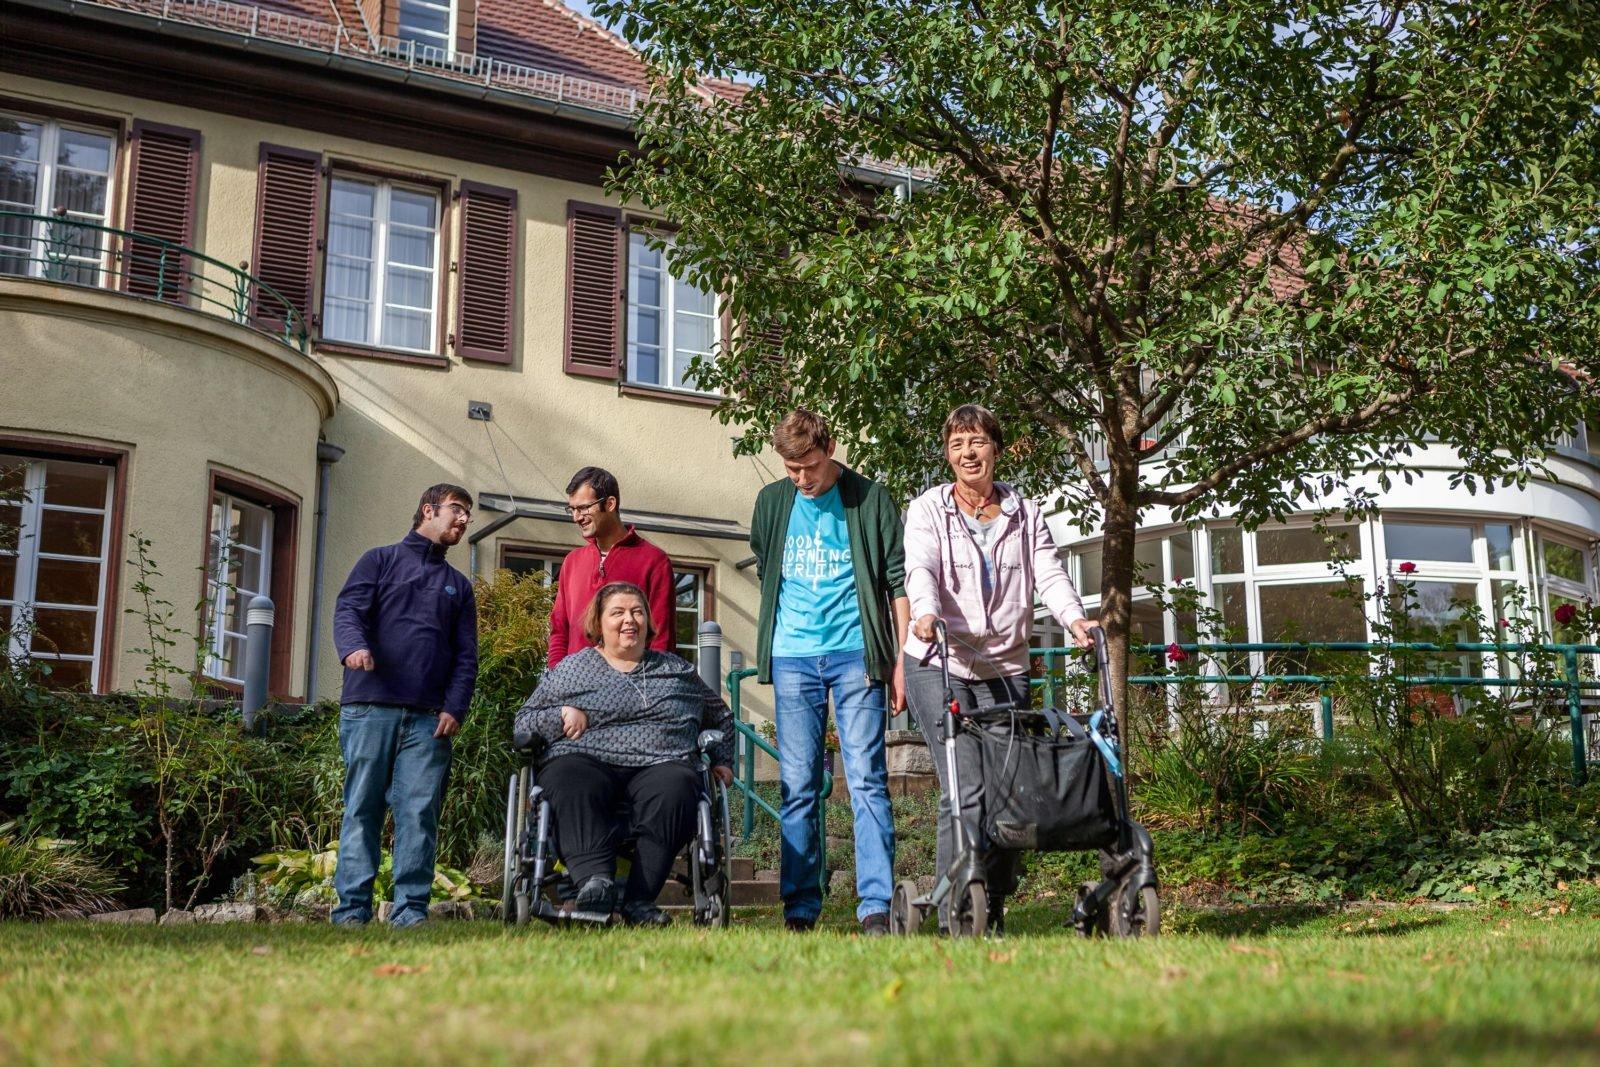 Drei Männer und zwei Frauen laufen durch den Garten der Villa Donnersmarck. Eine Frau sitzt im Rollstuhl, die andere benutzt einen Rollator.